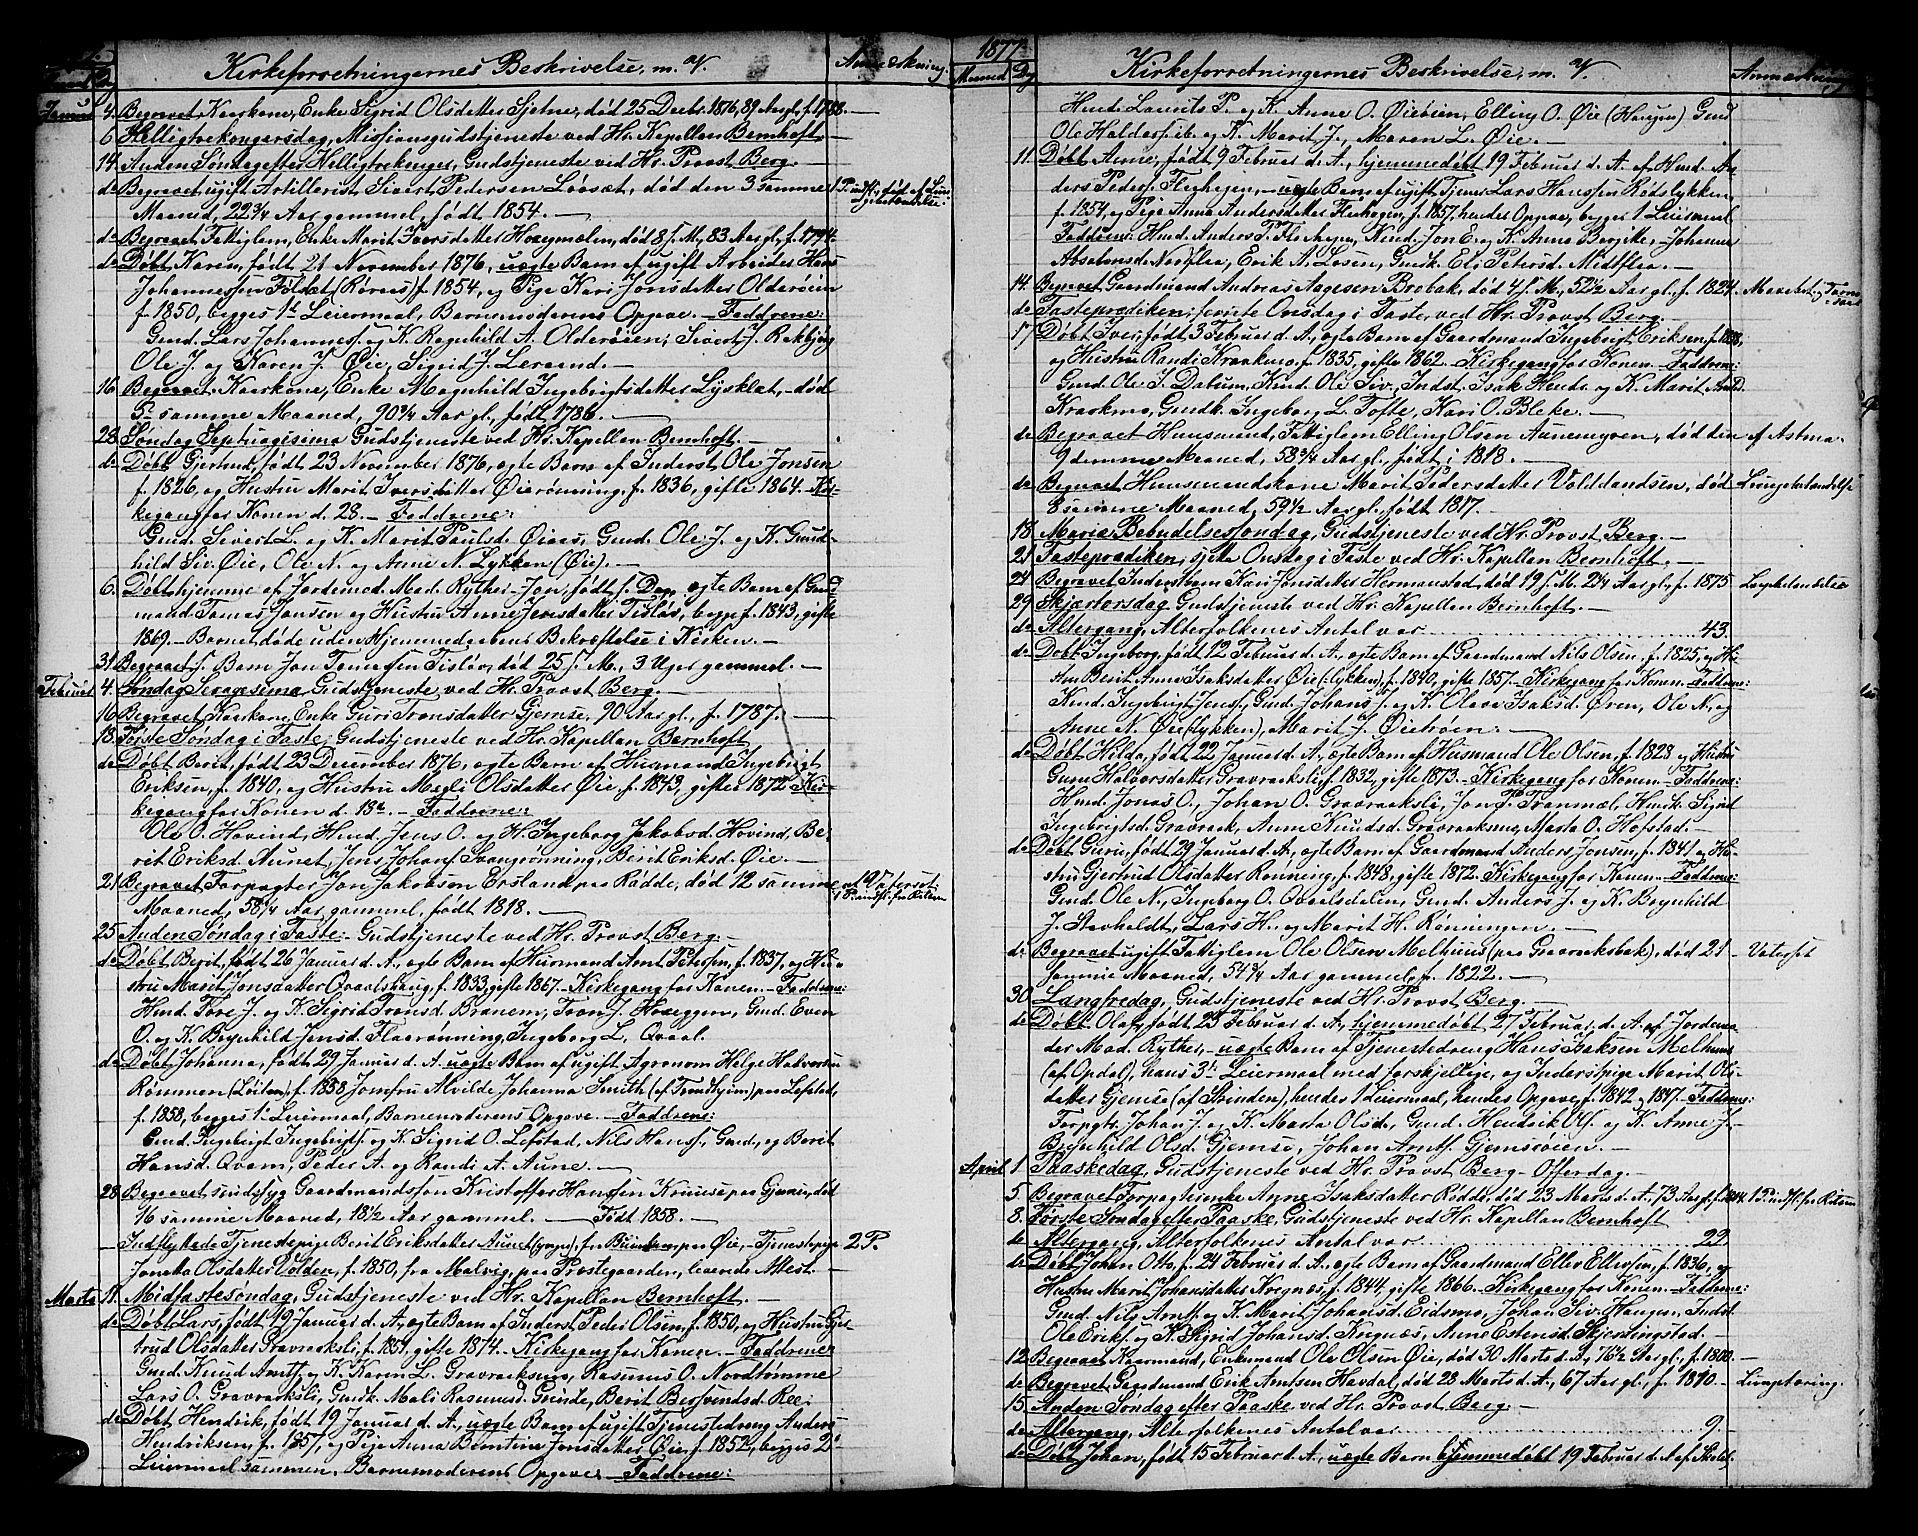 SAT, Ministerialprotokoller, klokkerbøker og fødselsregistre - Sør-Trøndelag, 691/L1093: Klokkerbok nr. 691C04, 1852-1879, s. 131